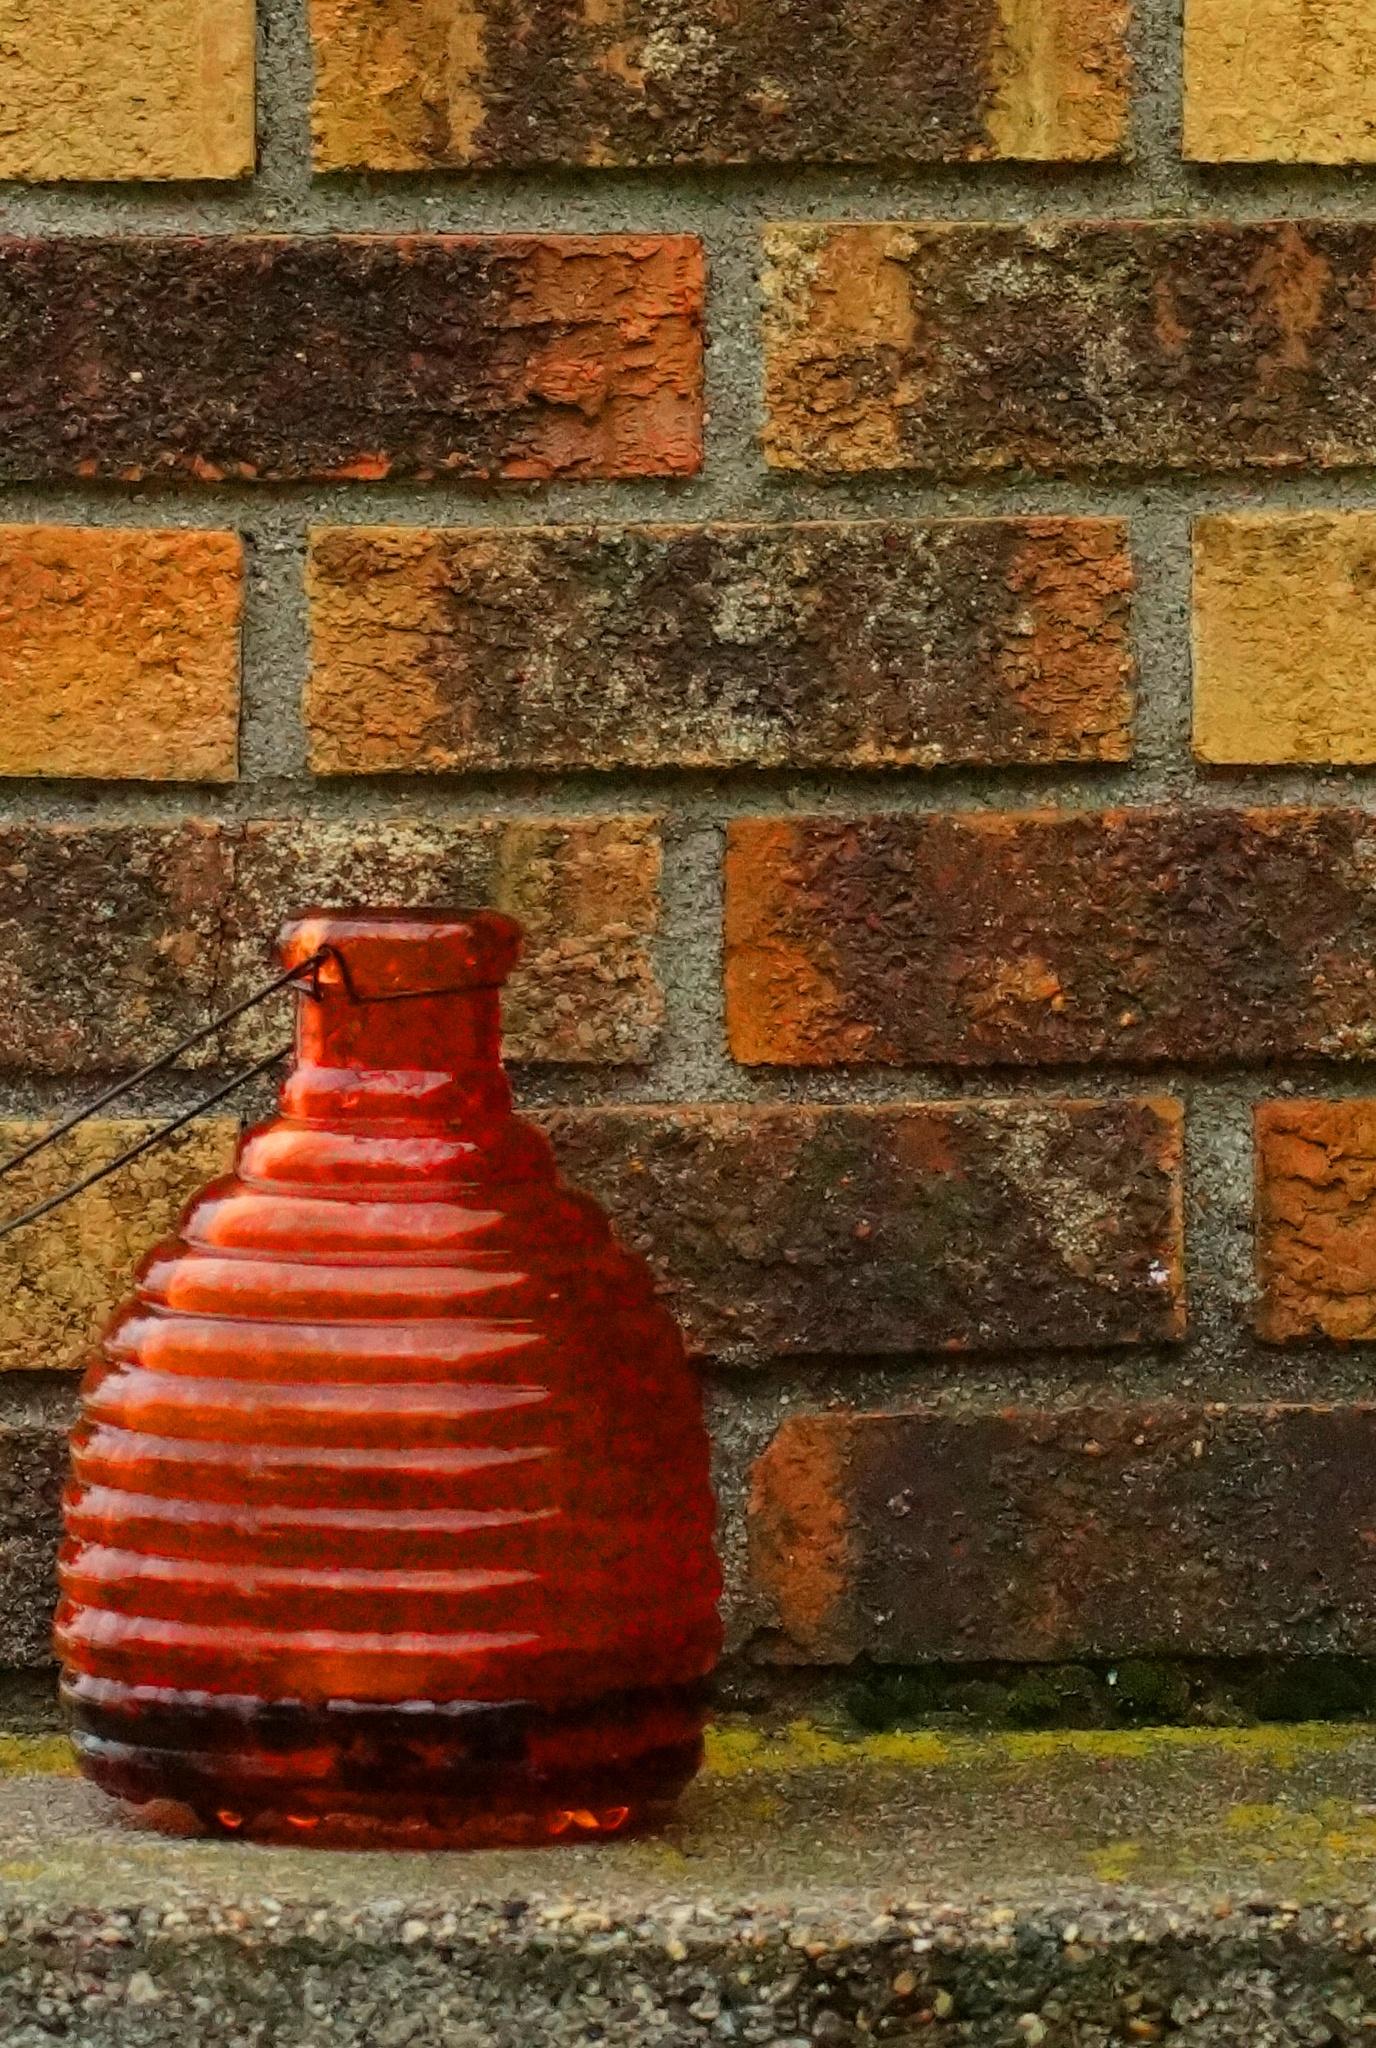 Vase by Tim Kessel